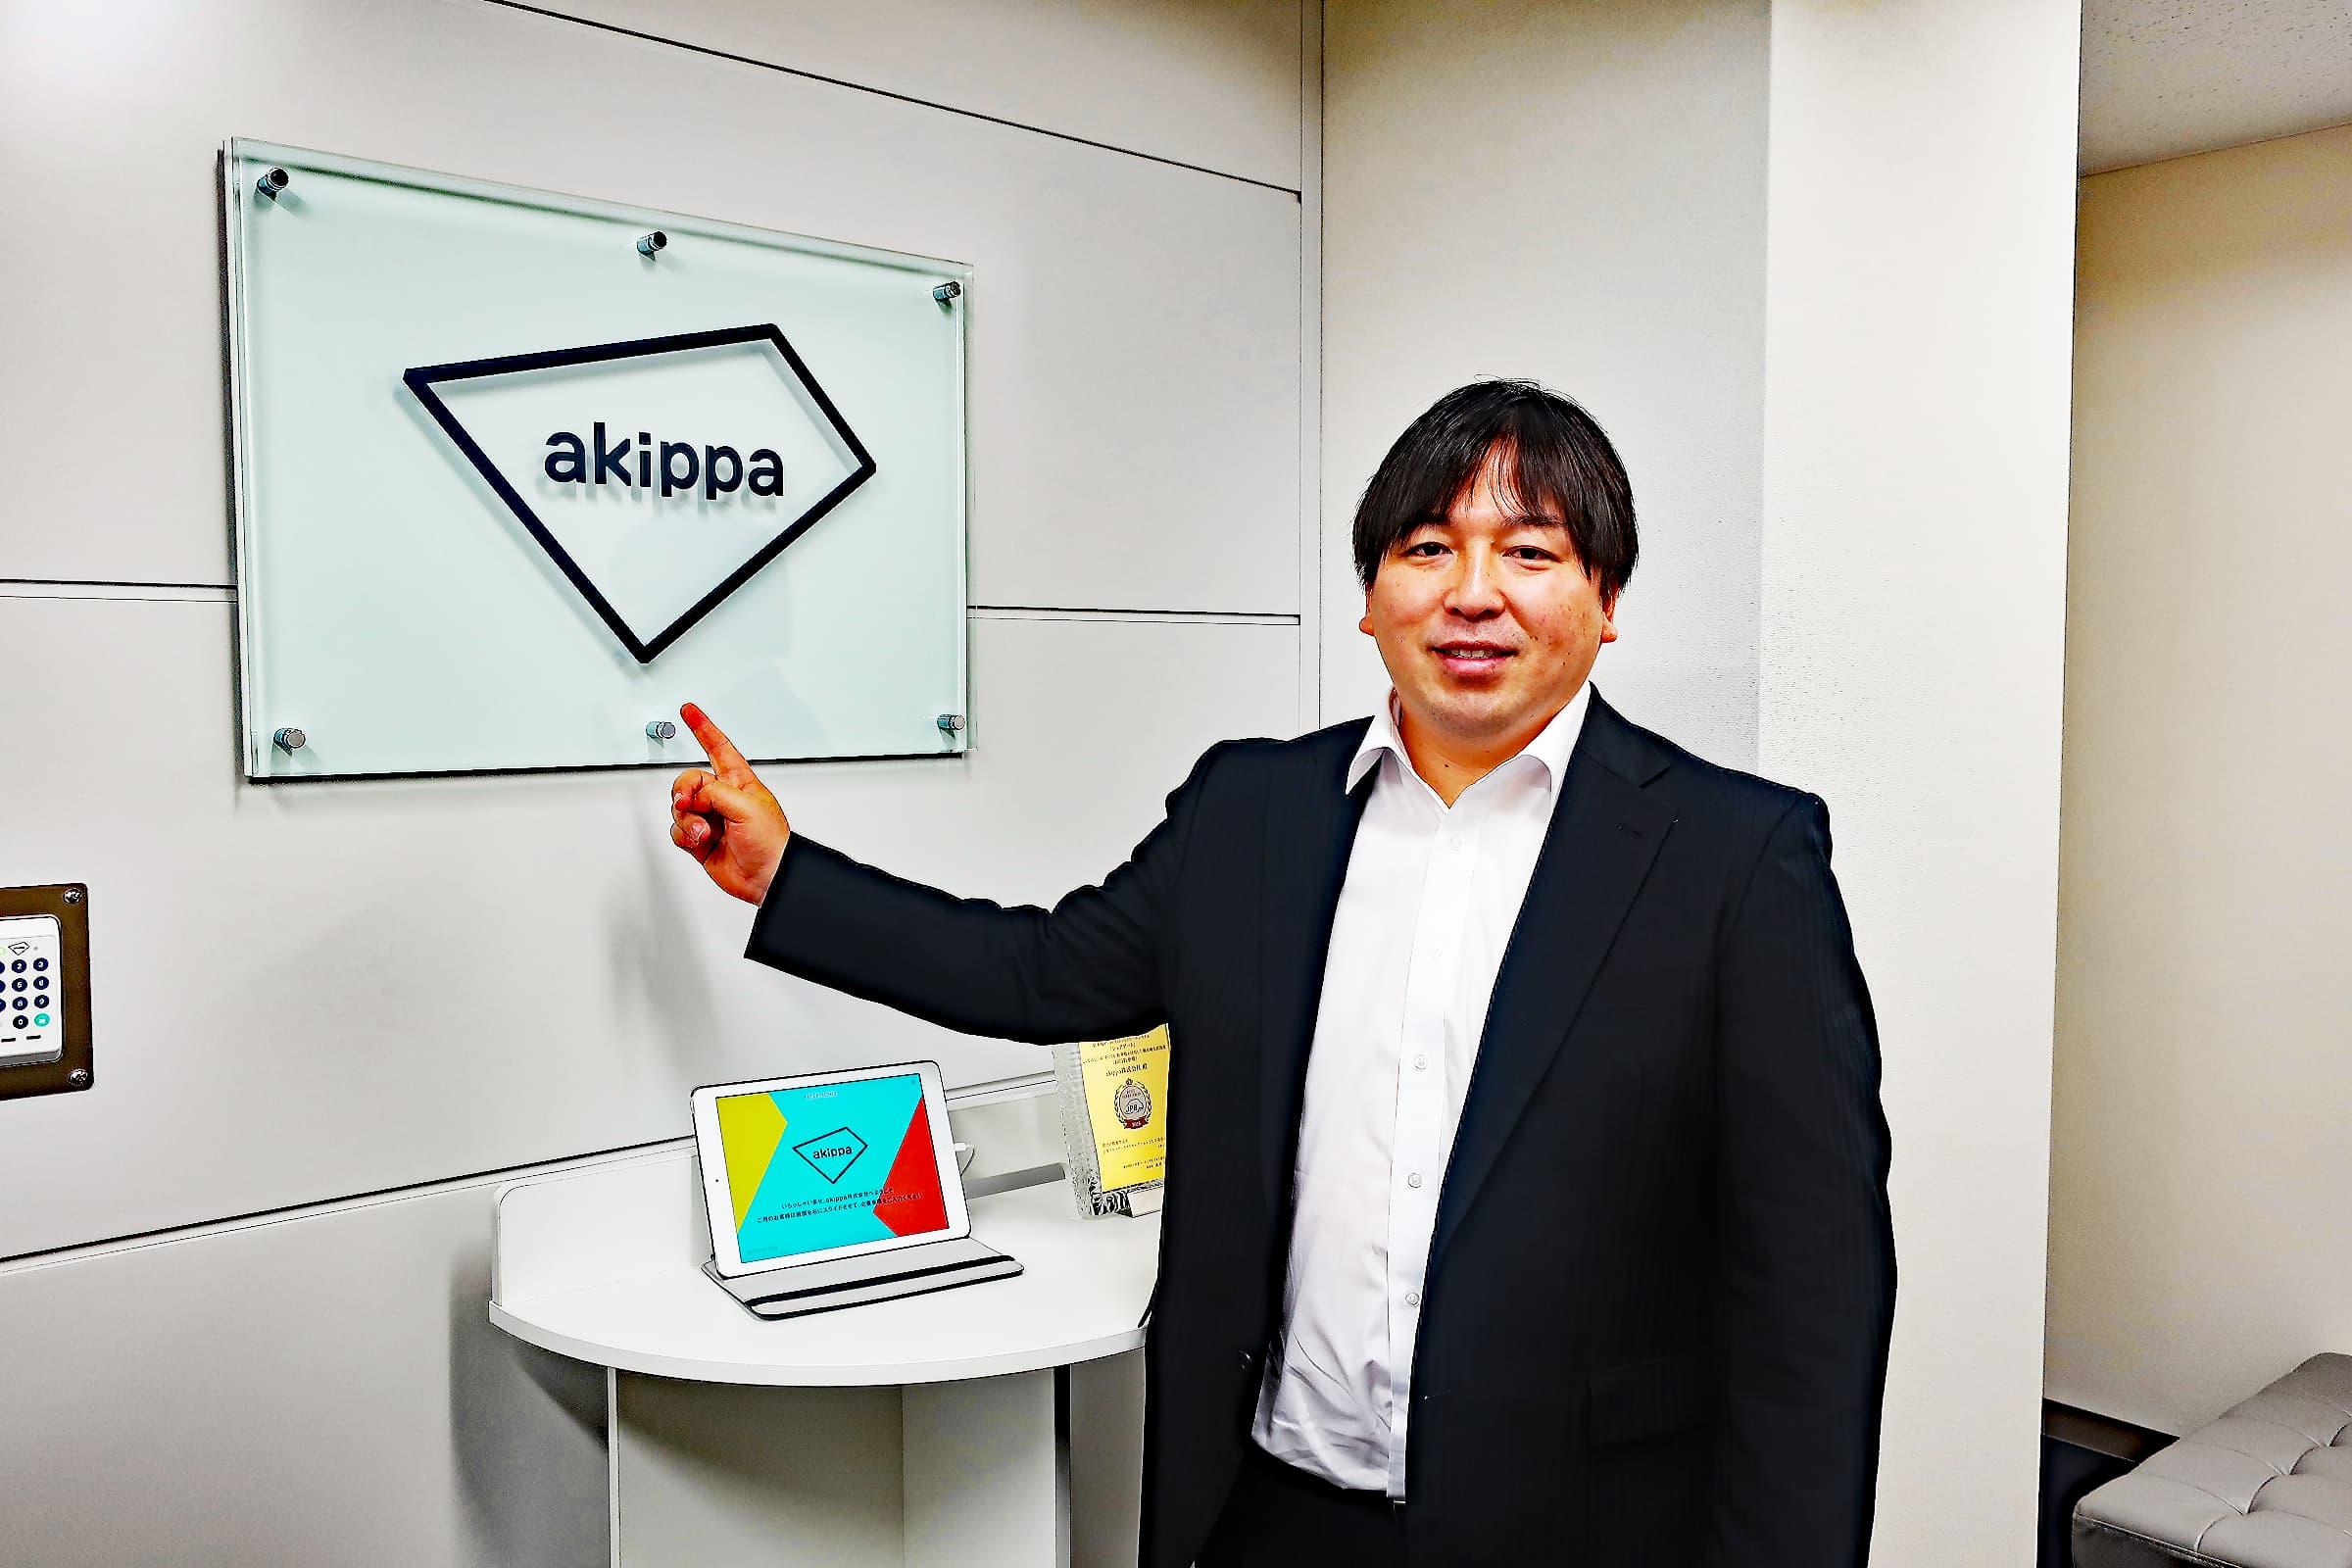 akippa株式会社代表取締役社長 CEO 金谷元気氏